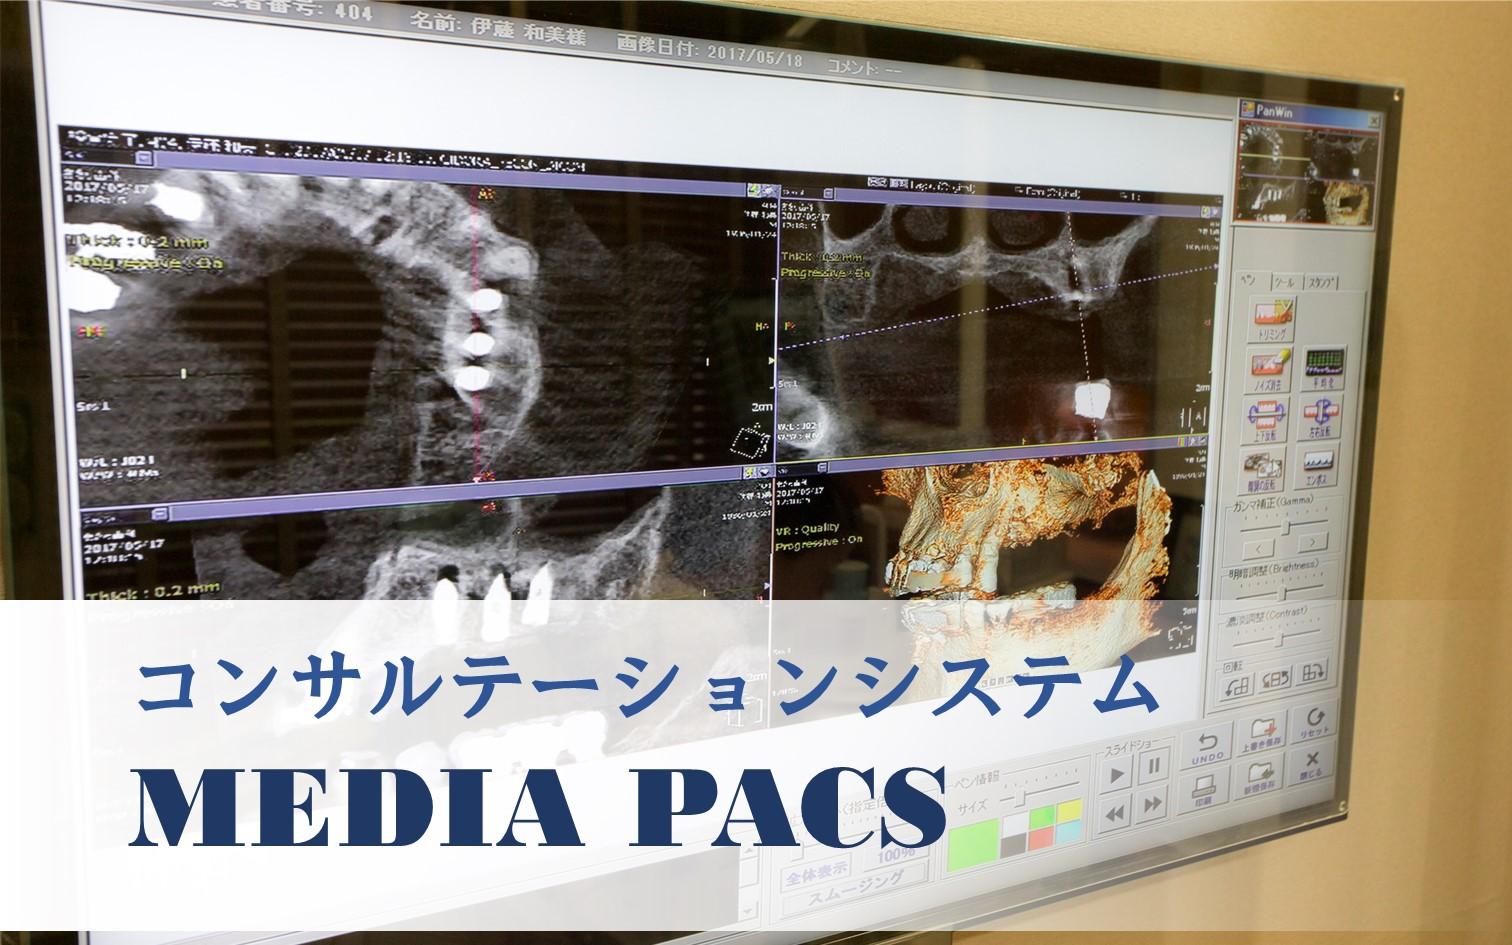 mediapacs